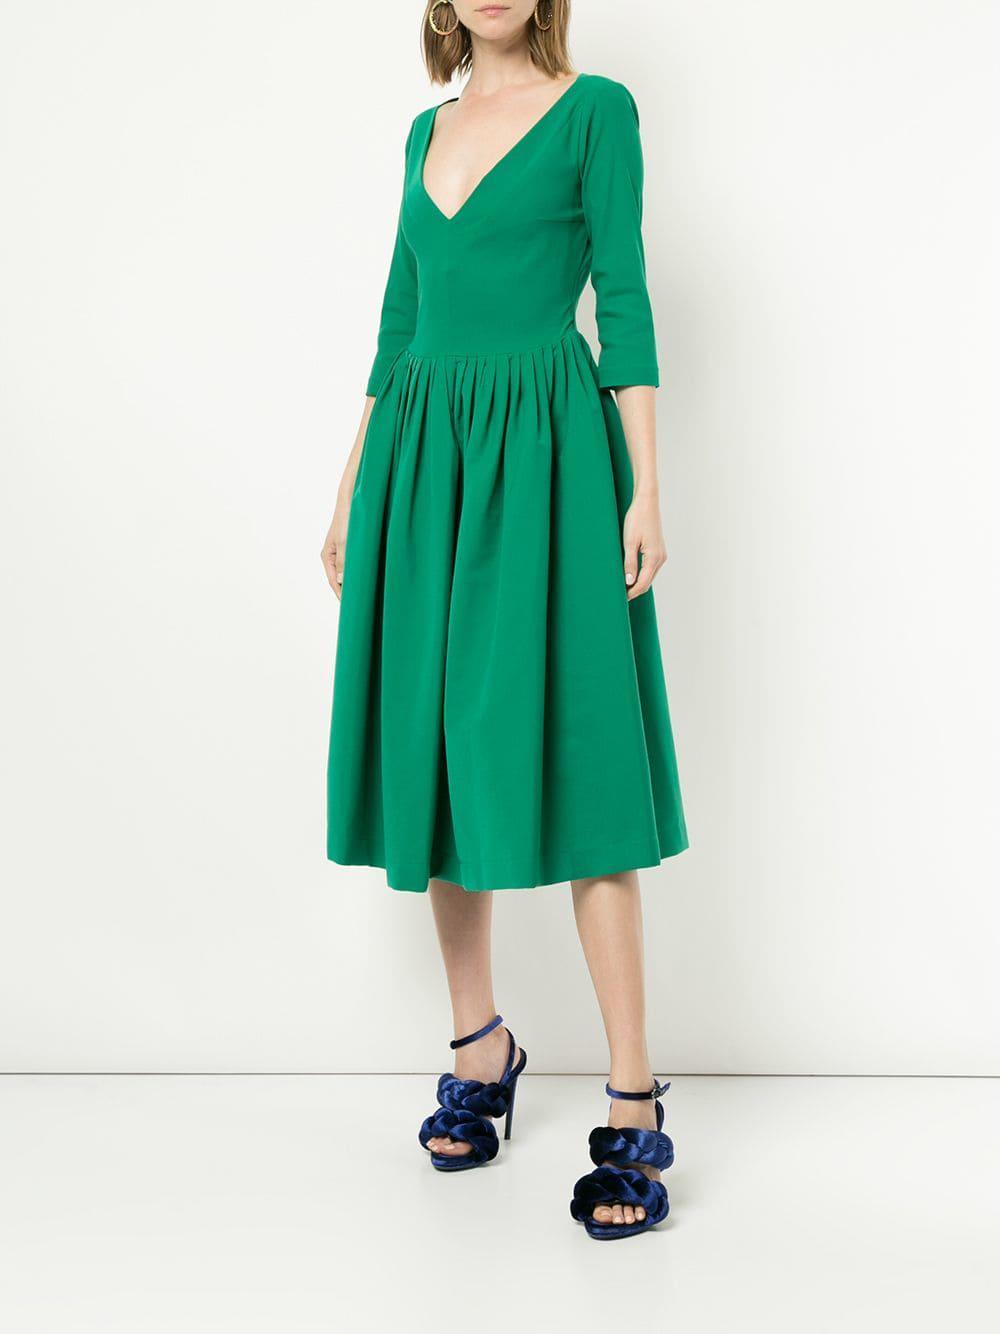 Vestido con escote pronunciado Preen By Thornton Bregazzi de Tejido sintético de color Verde